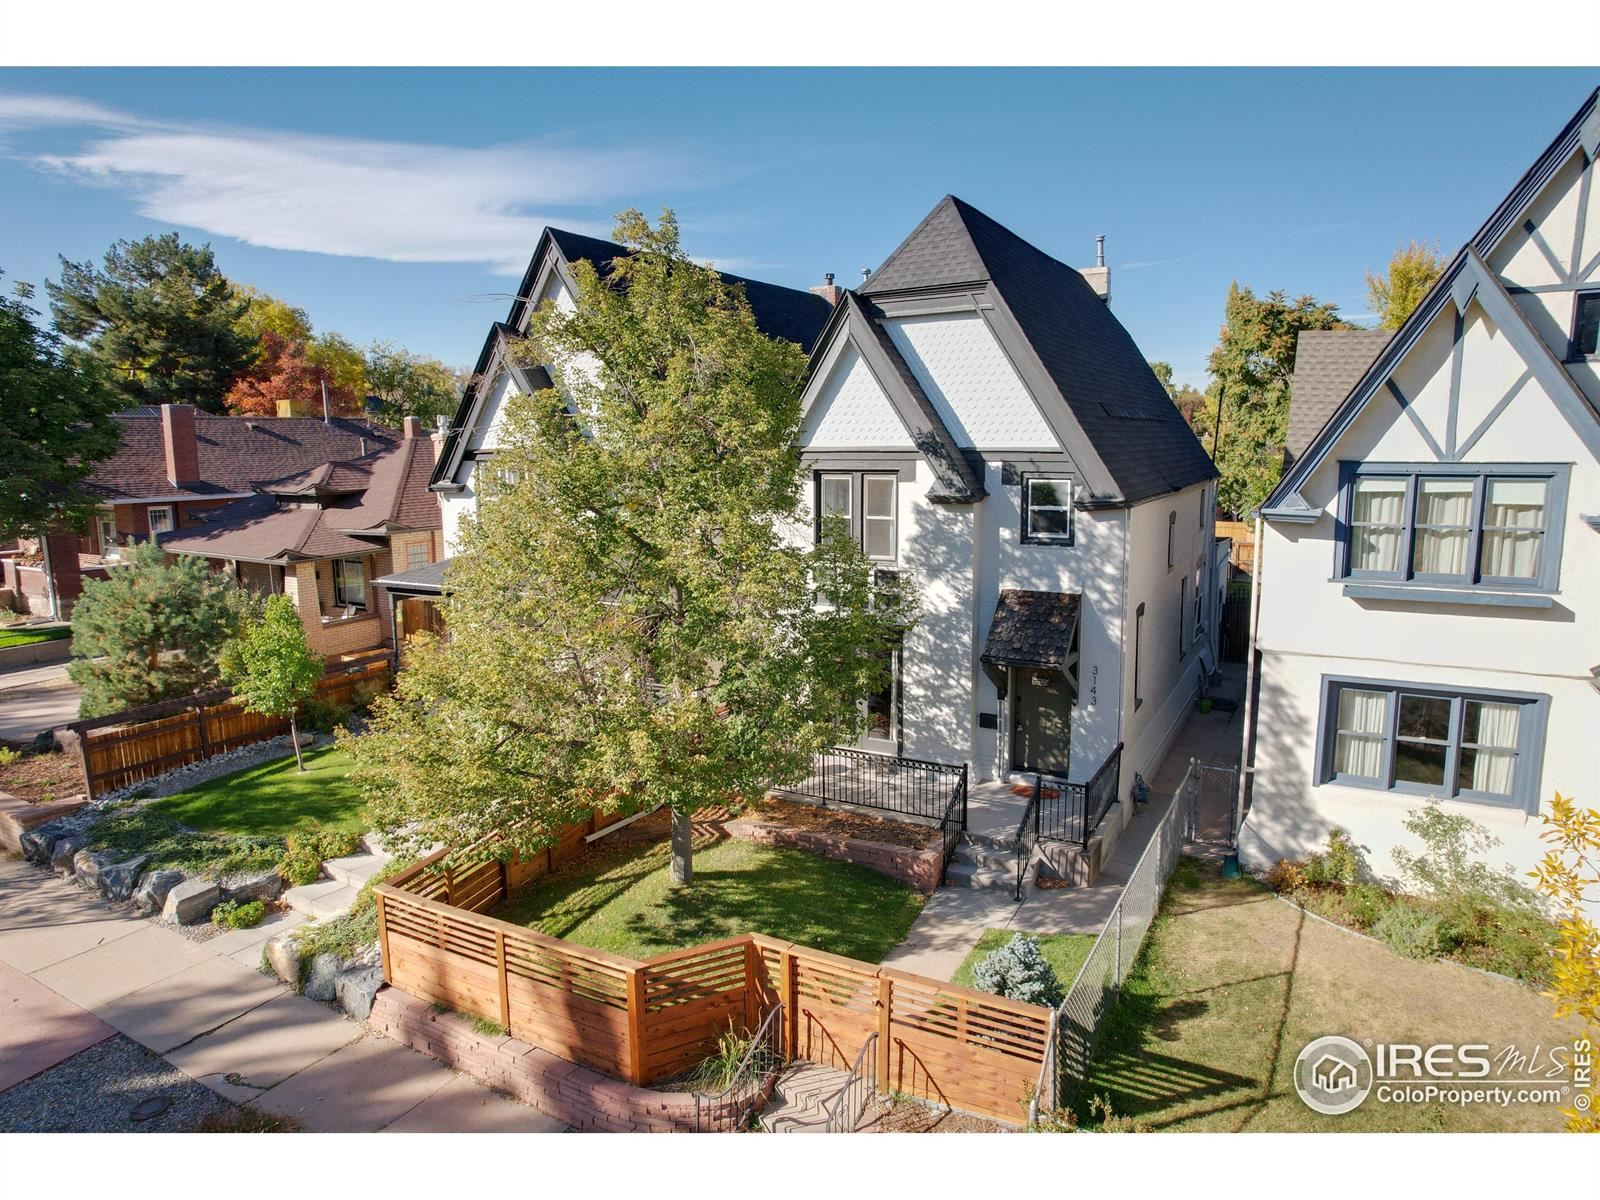 Photo of 3143 W Denver Place, Denver, CO 80211 (MLS # IR953682)